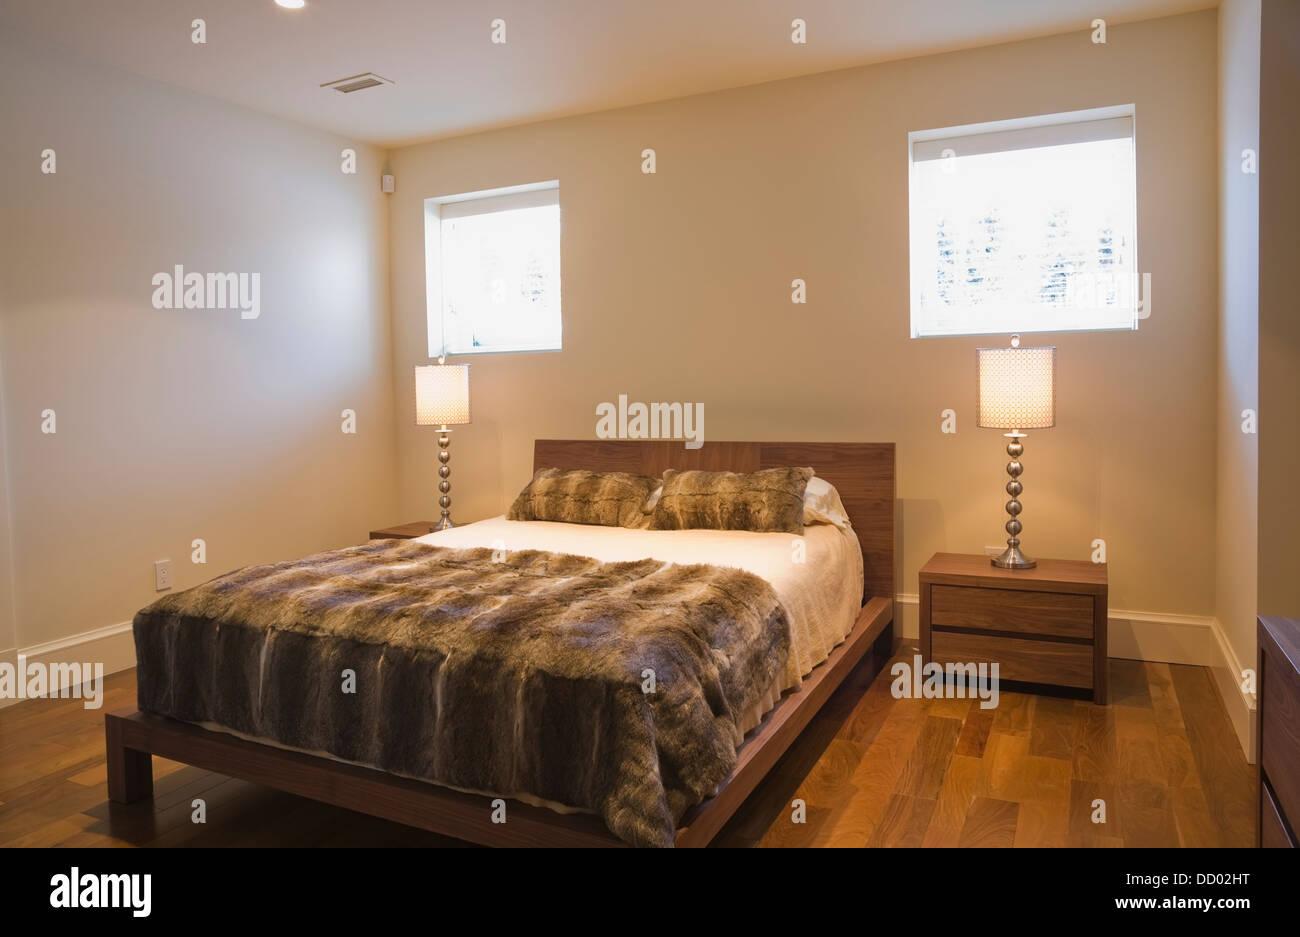 Fußboden Im Keller ~ Keller schlafzimmer mit einem queen size bett und ein hartholz